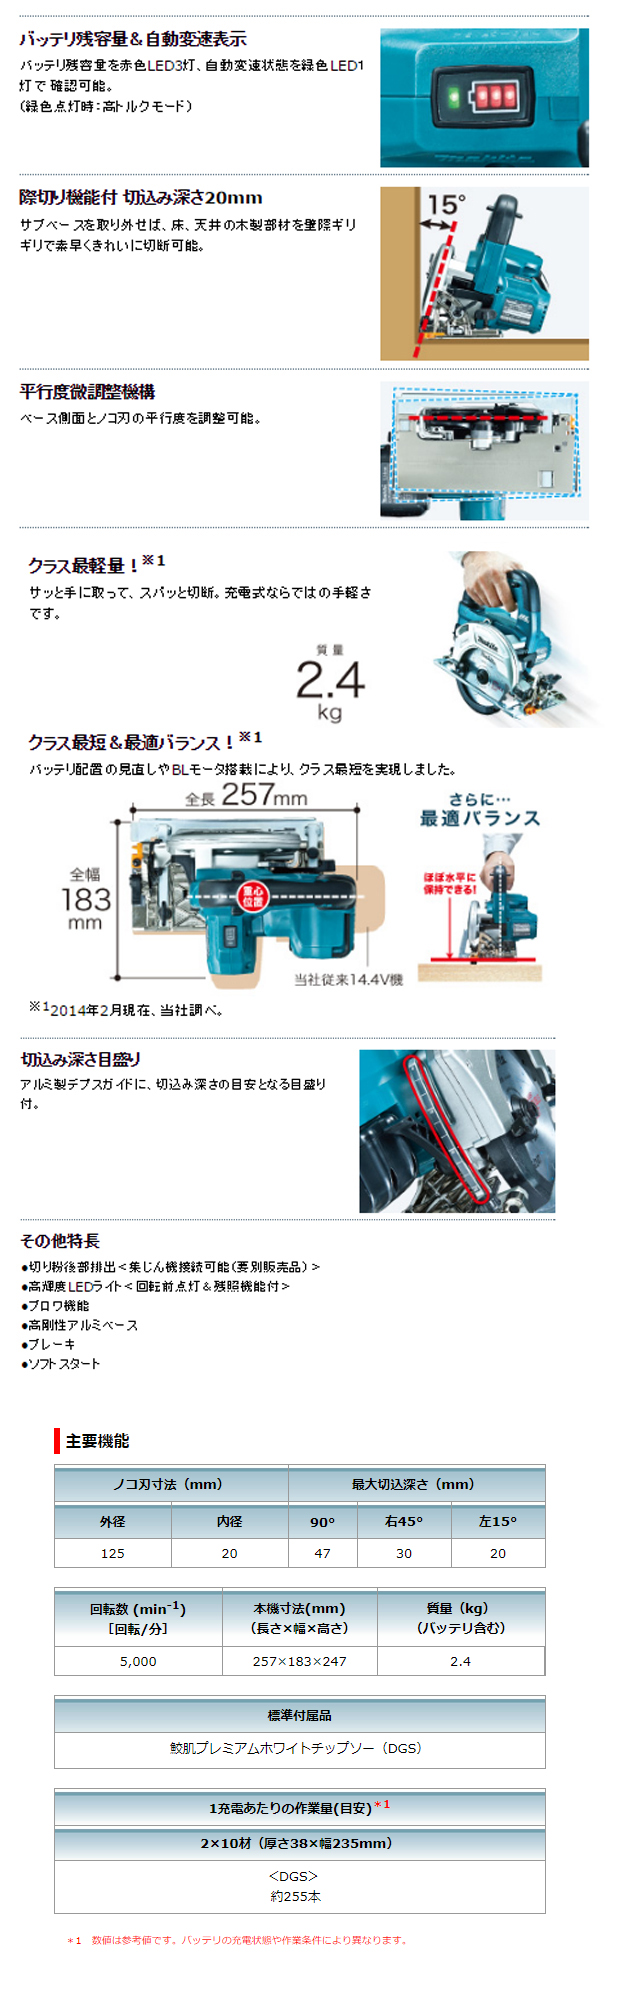 マキタ 14.4V 充電式丸のこ HS470DGS